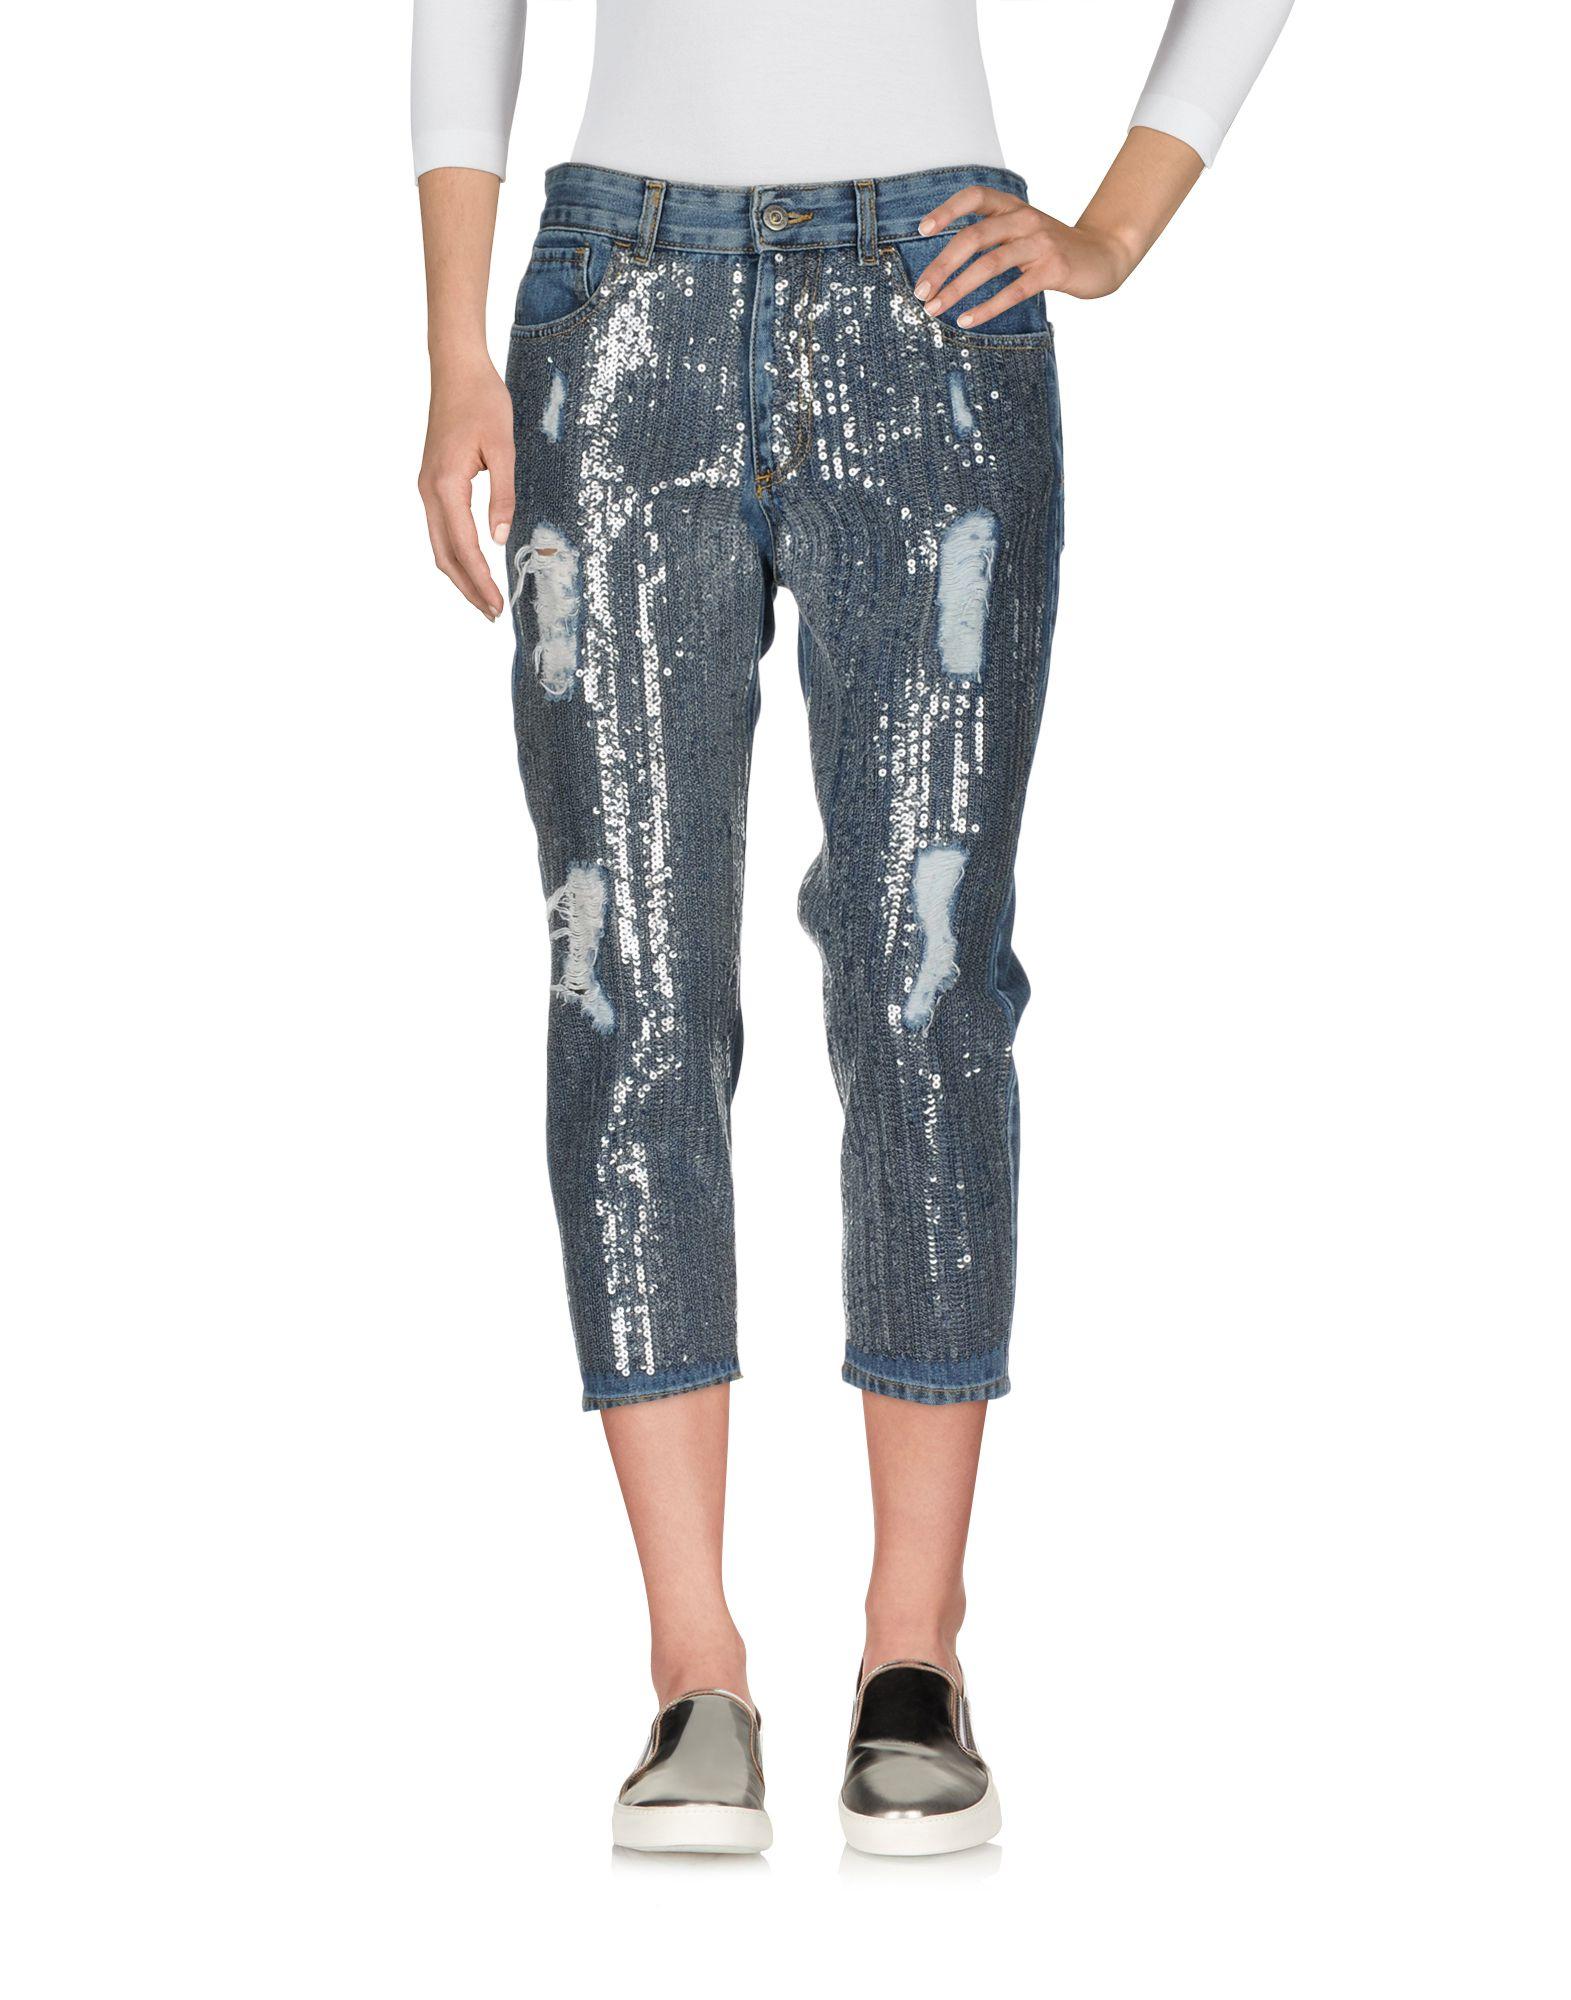 цены на SOUVENIR Джинсовые брюки-капри в интернет-магазинах